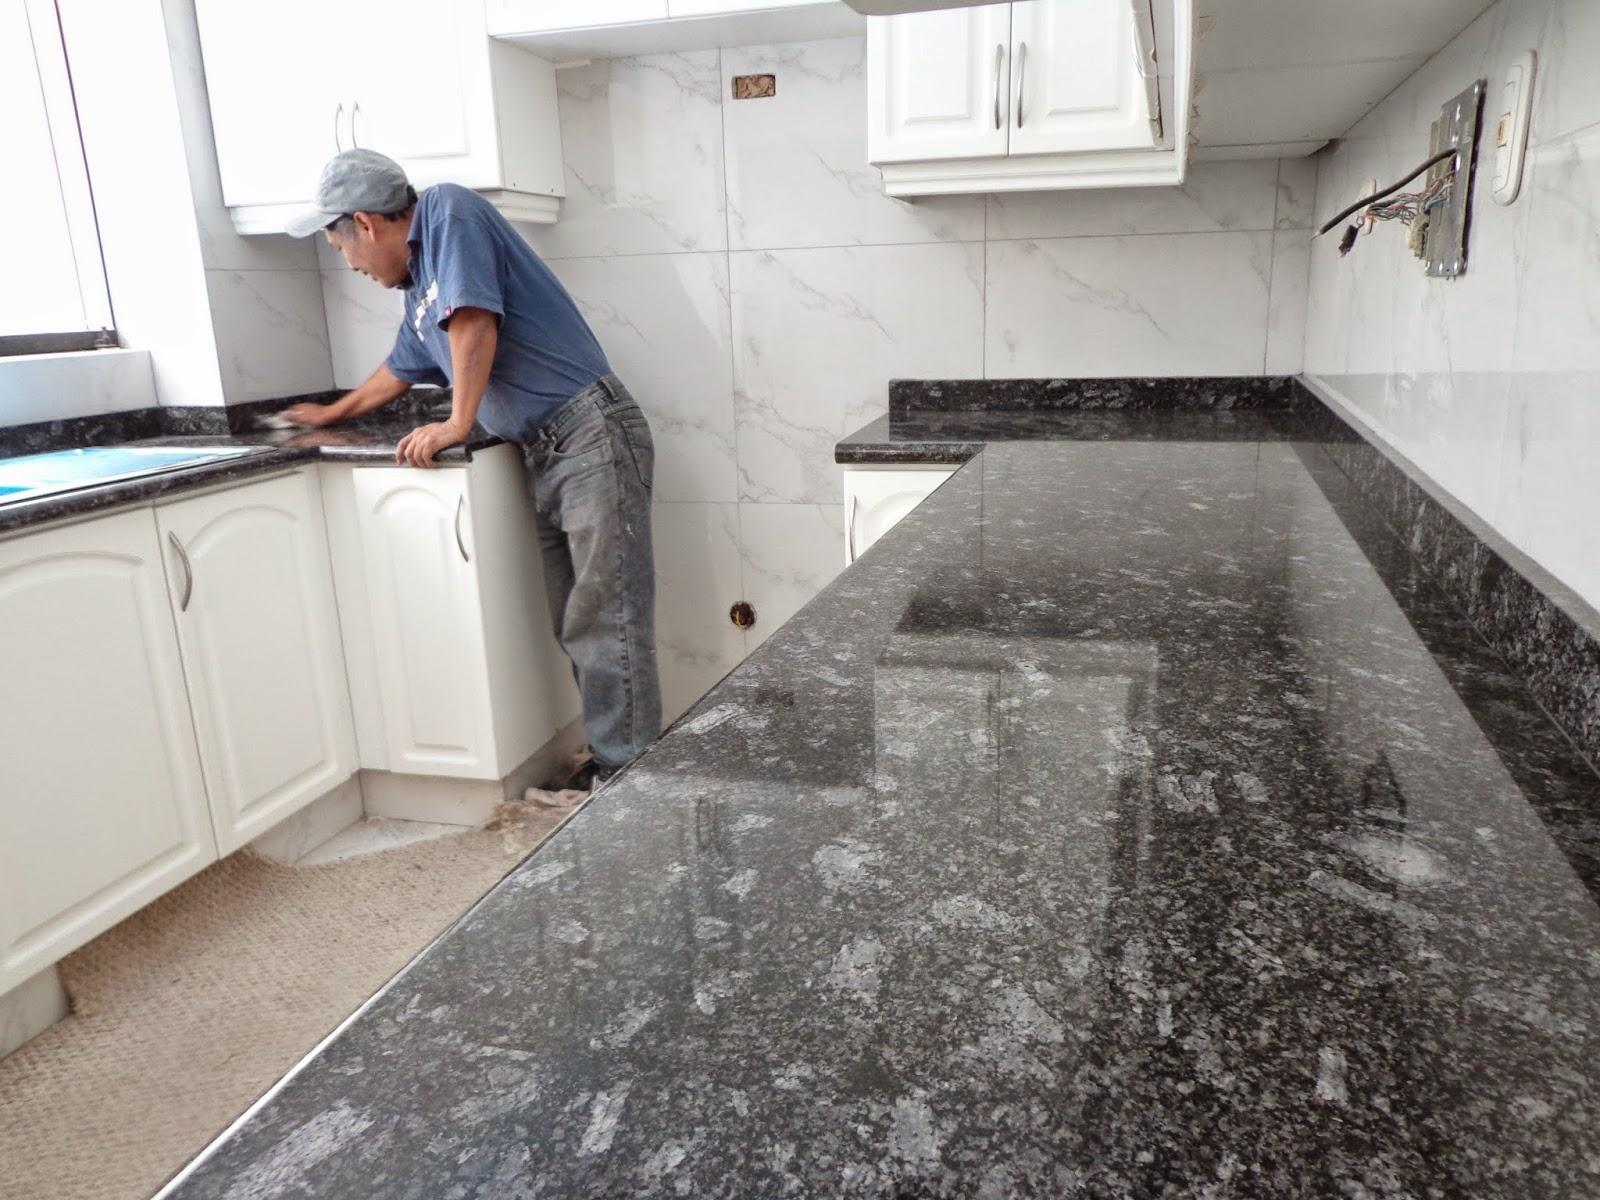 Encimeras cubiertas mesas islas cocina marmol granito lima for Encimera cocina marmol o granito